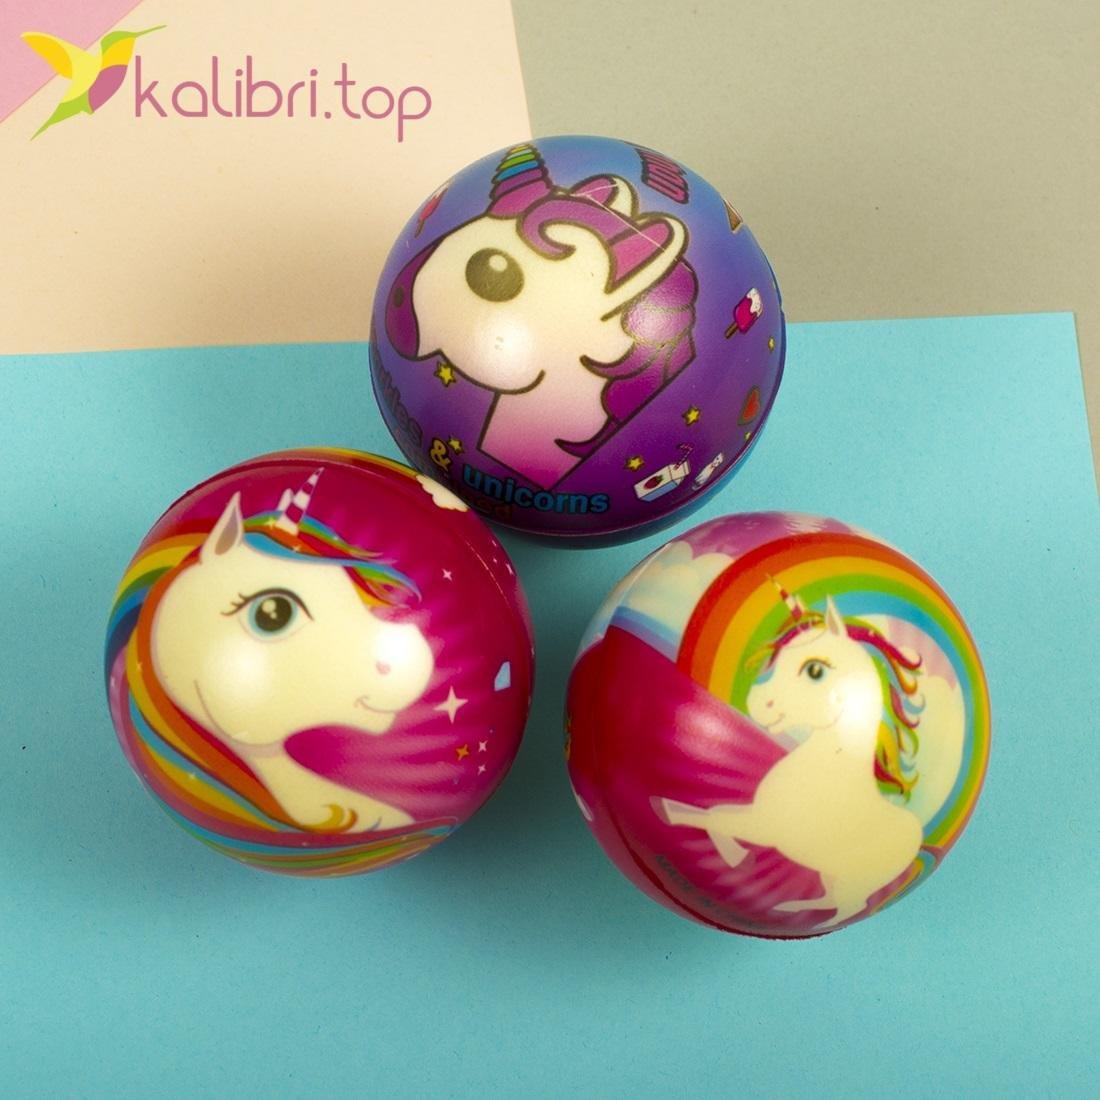 Мячики мягкие, поролоновые Единороги, оптом - фото 2